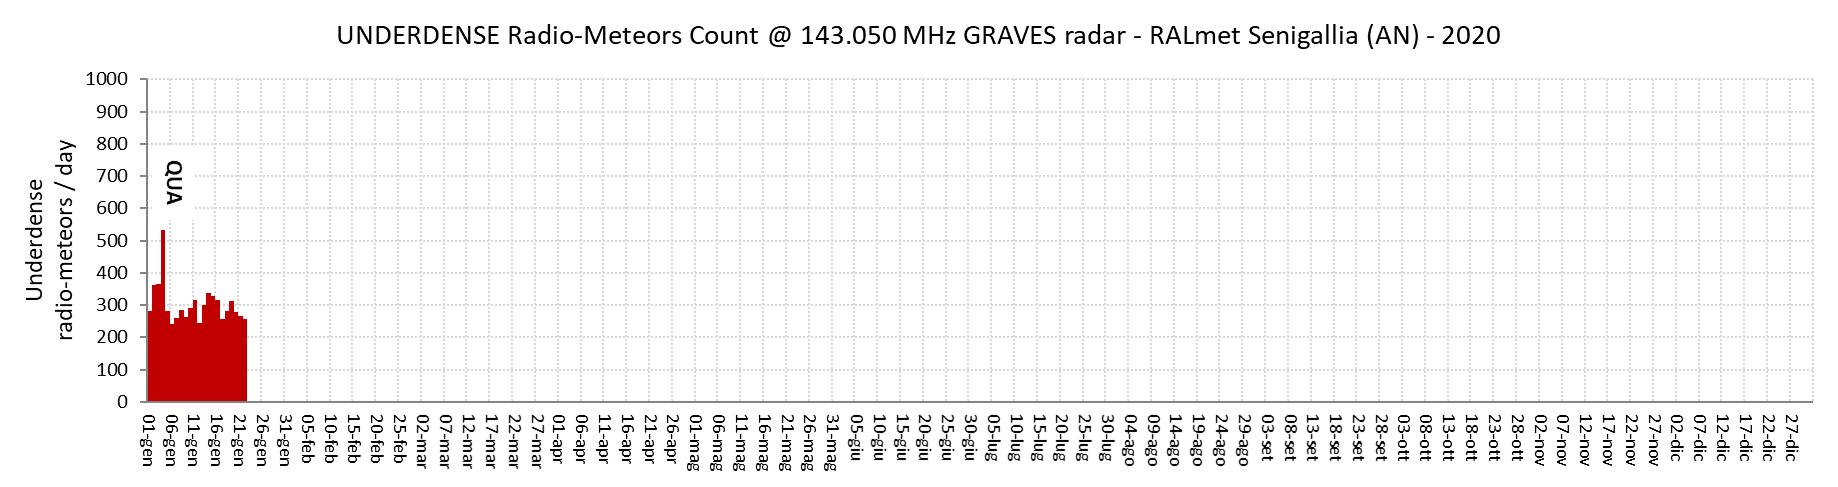 Numero giornaliero di radio-echi ipodensi (concentrazione elettronica lineare inferiore a 2.4*10^14 elettroni/m, durata inferiore a 0.5 secondi).